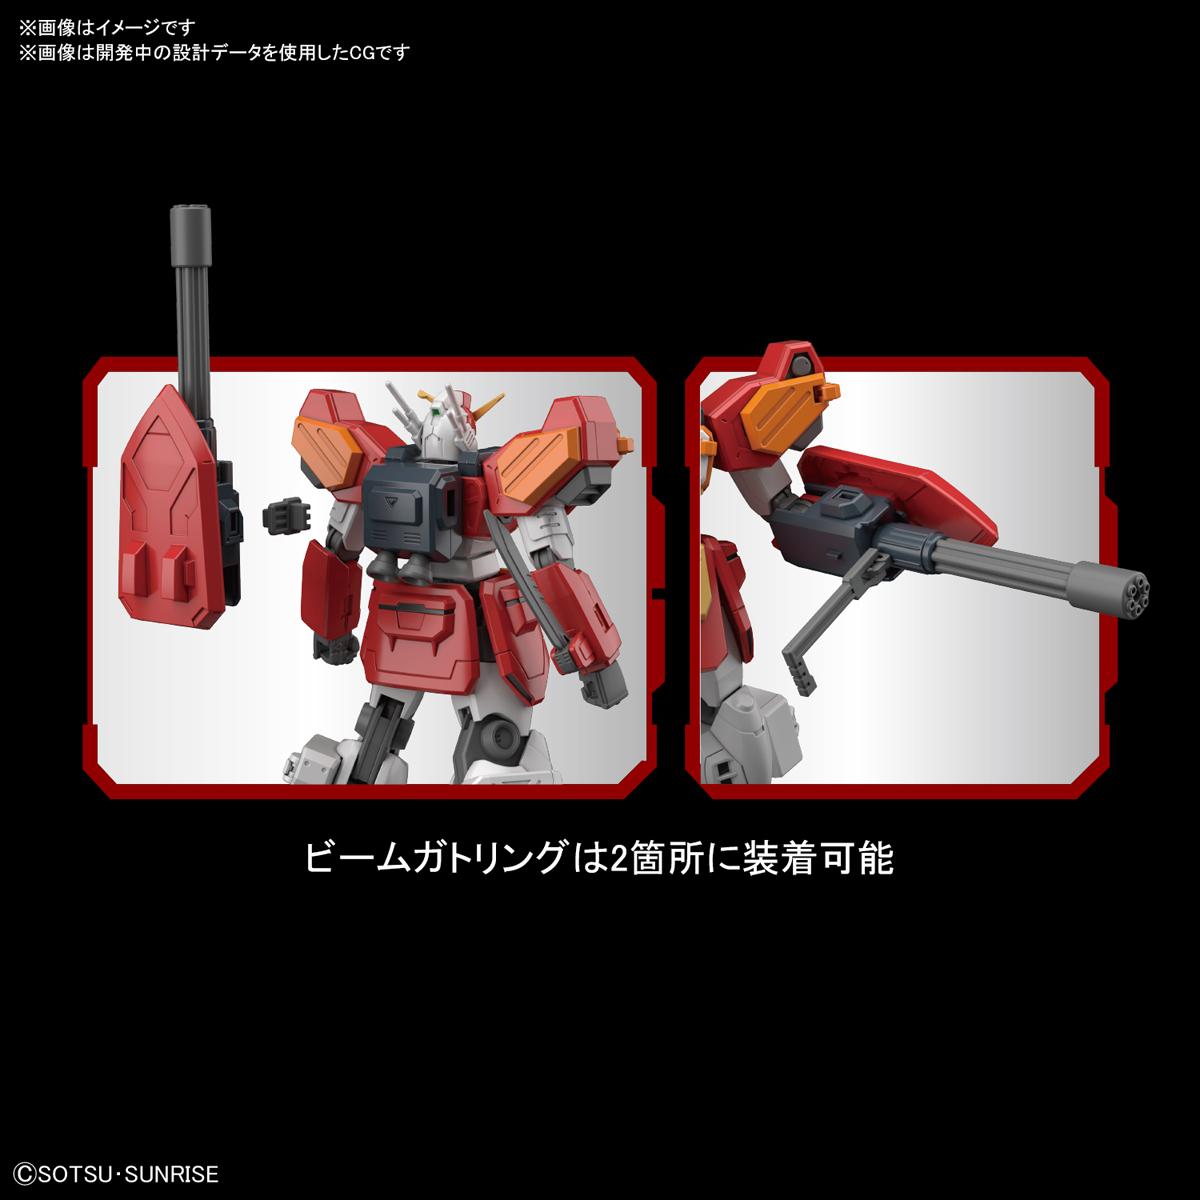 HG 1/144『ガンダムヘビーアームズ』ガンダムW プラモデル-003